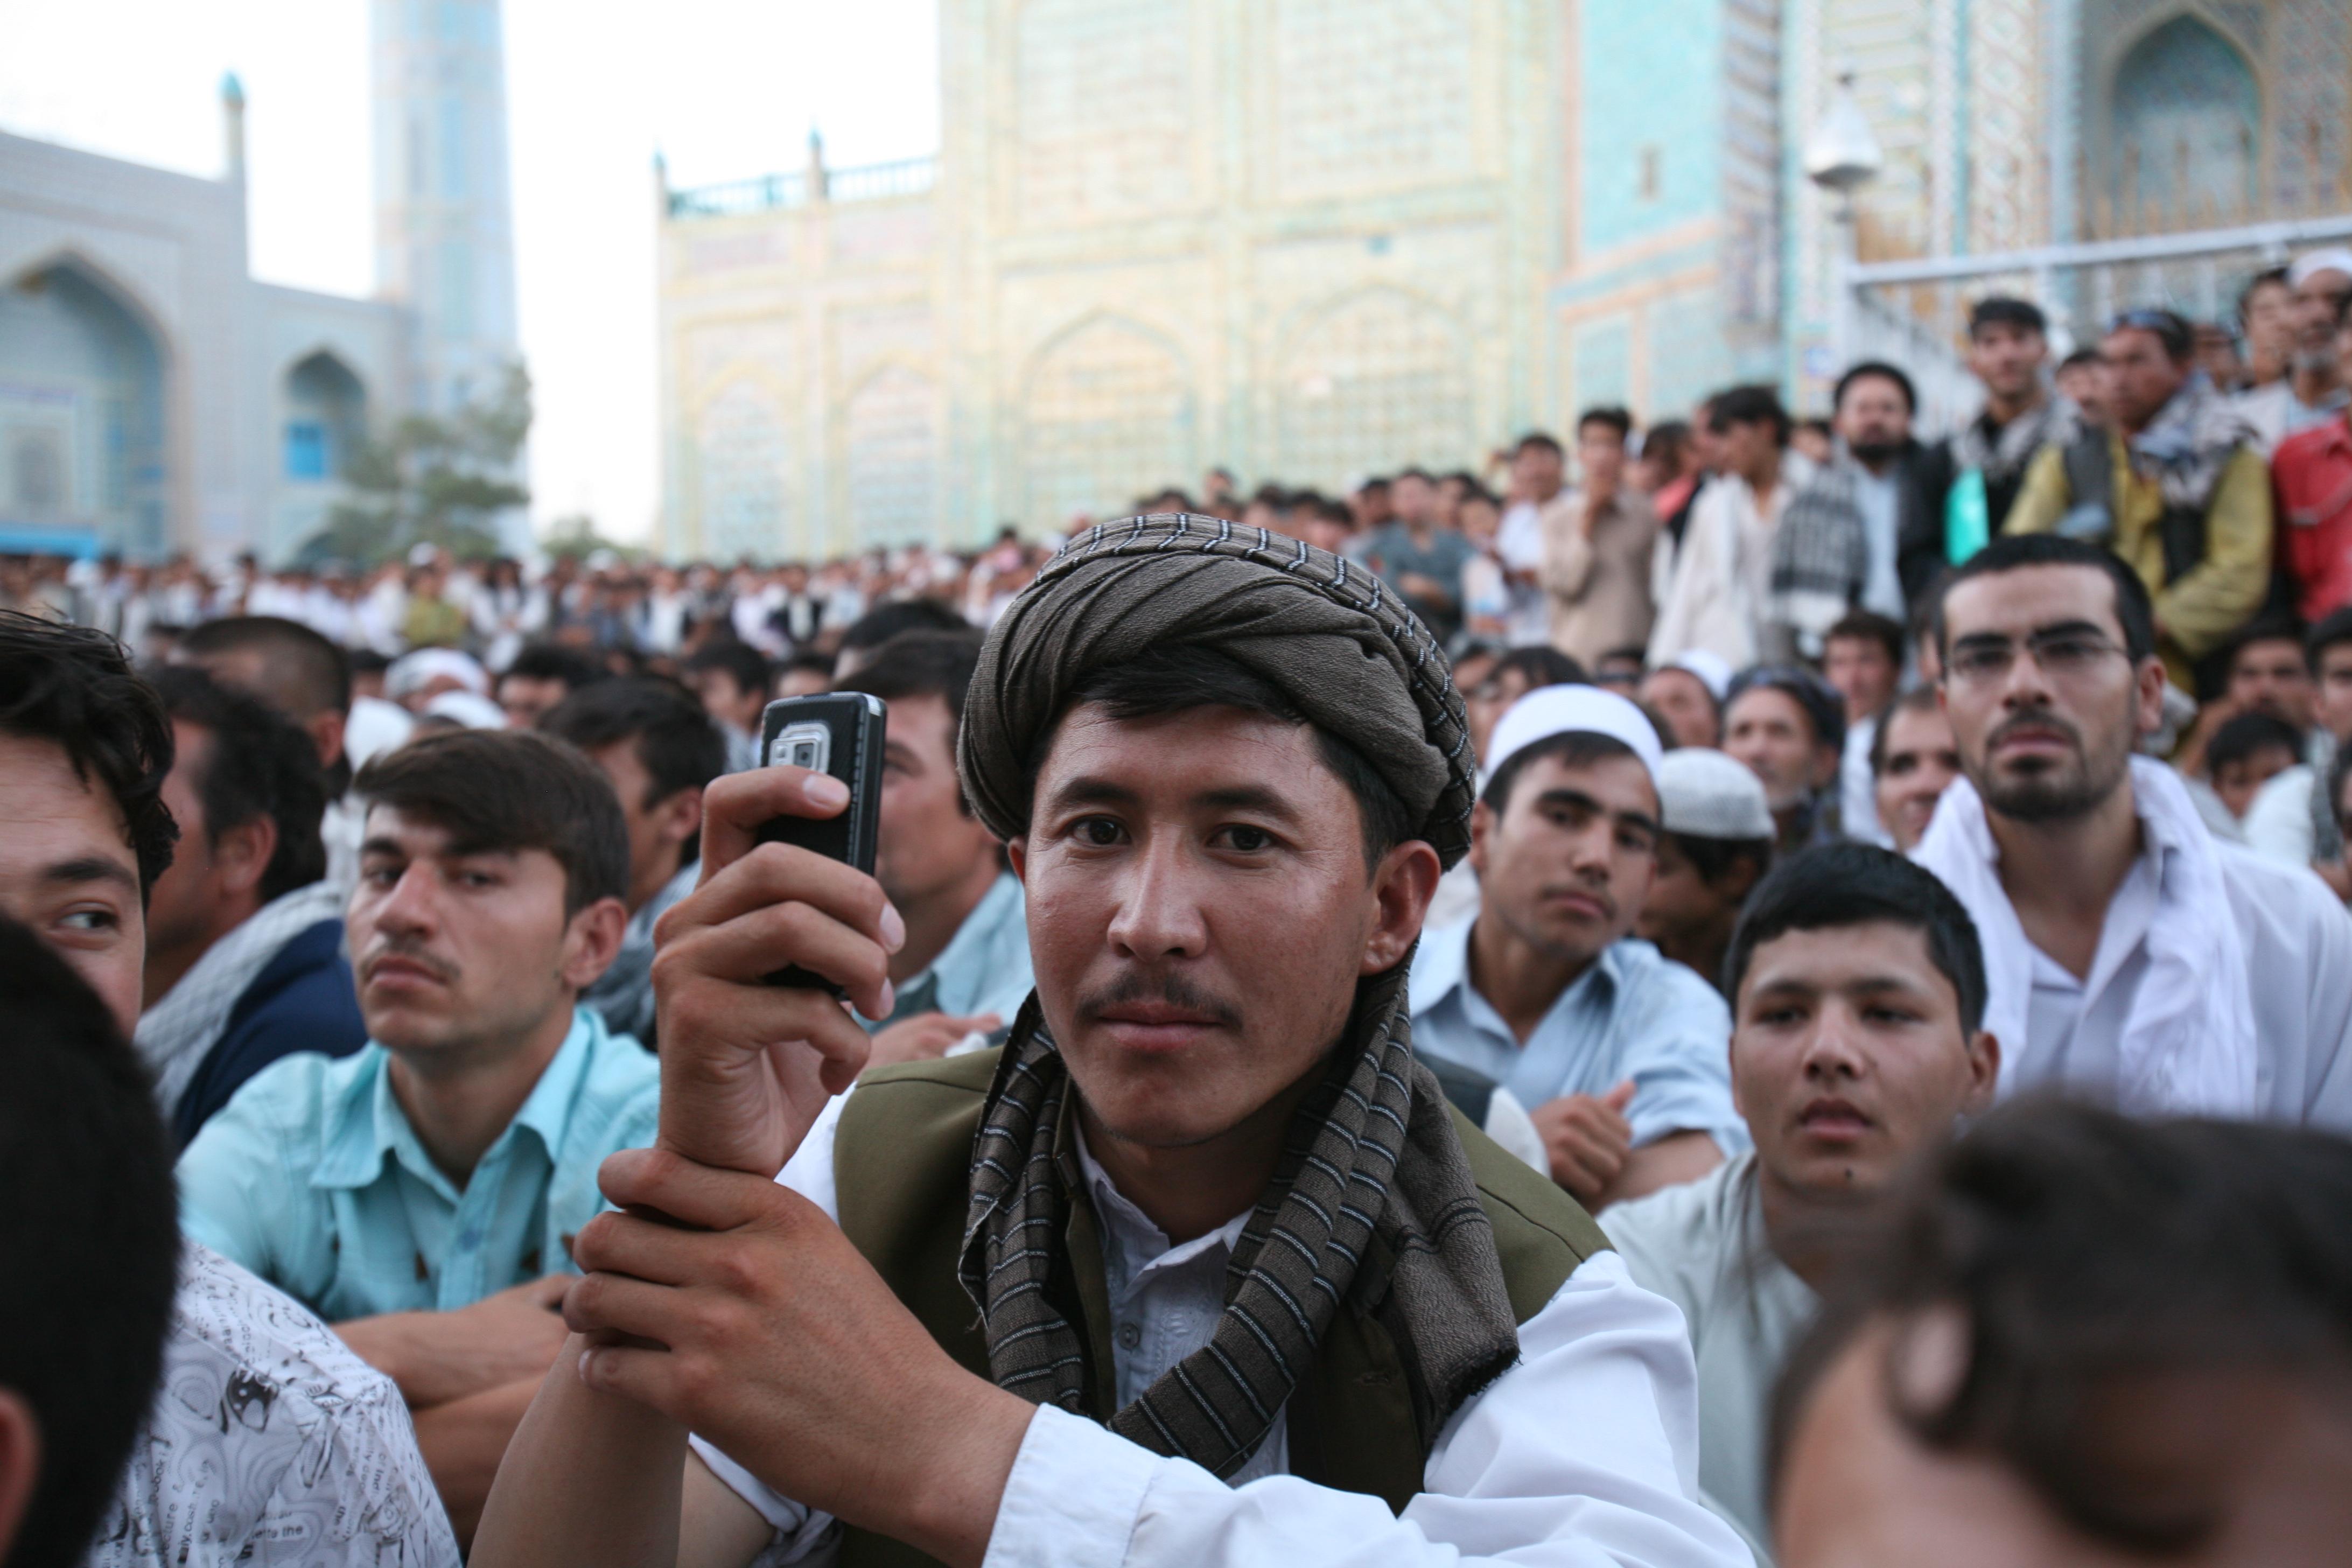 Wahlveranstaltung in Mazar-e-Sharif